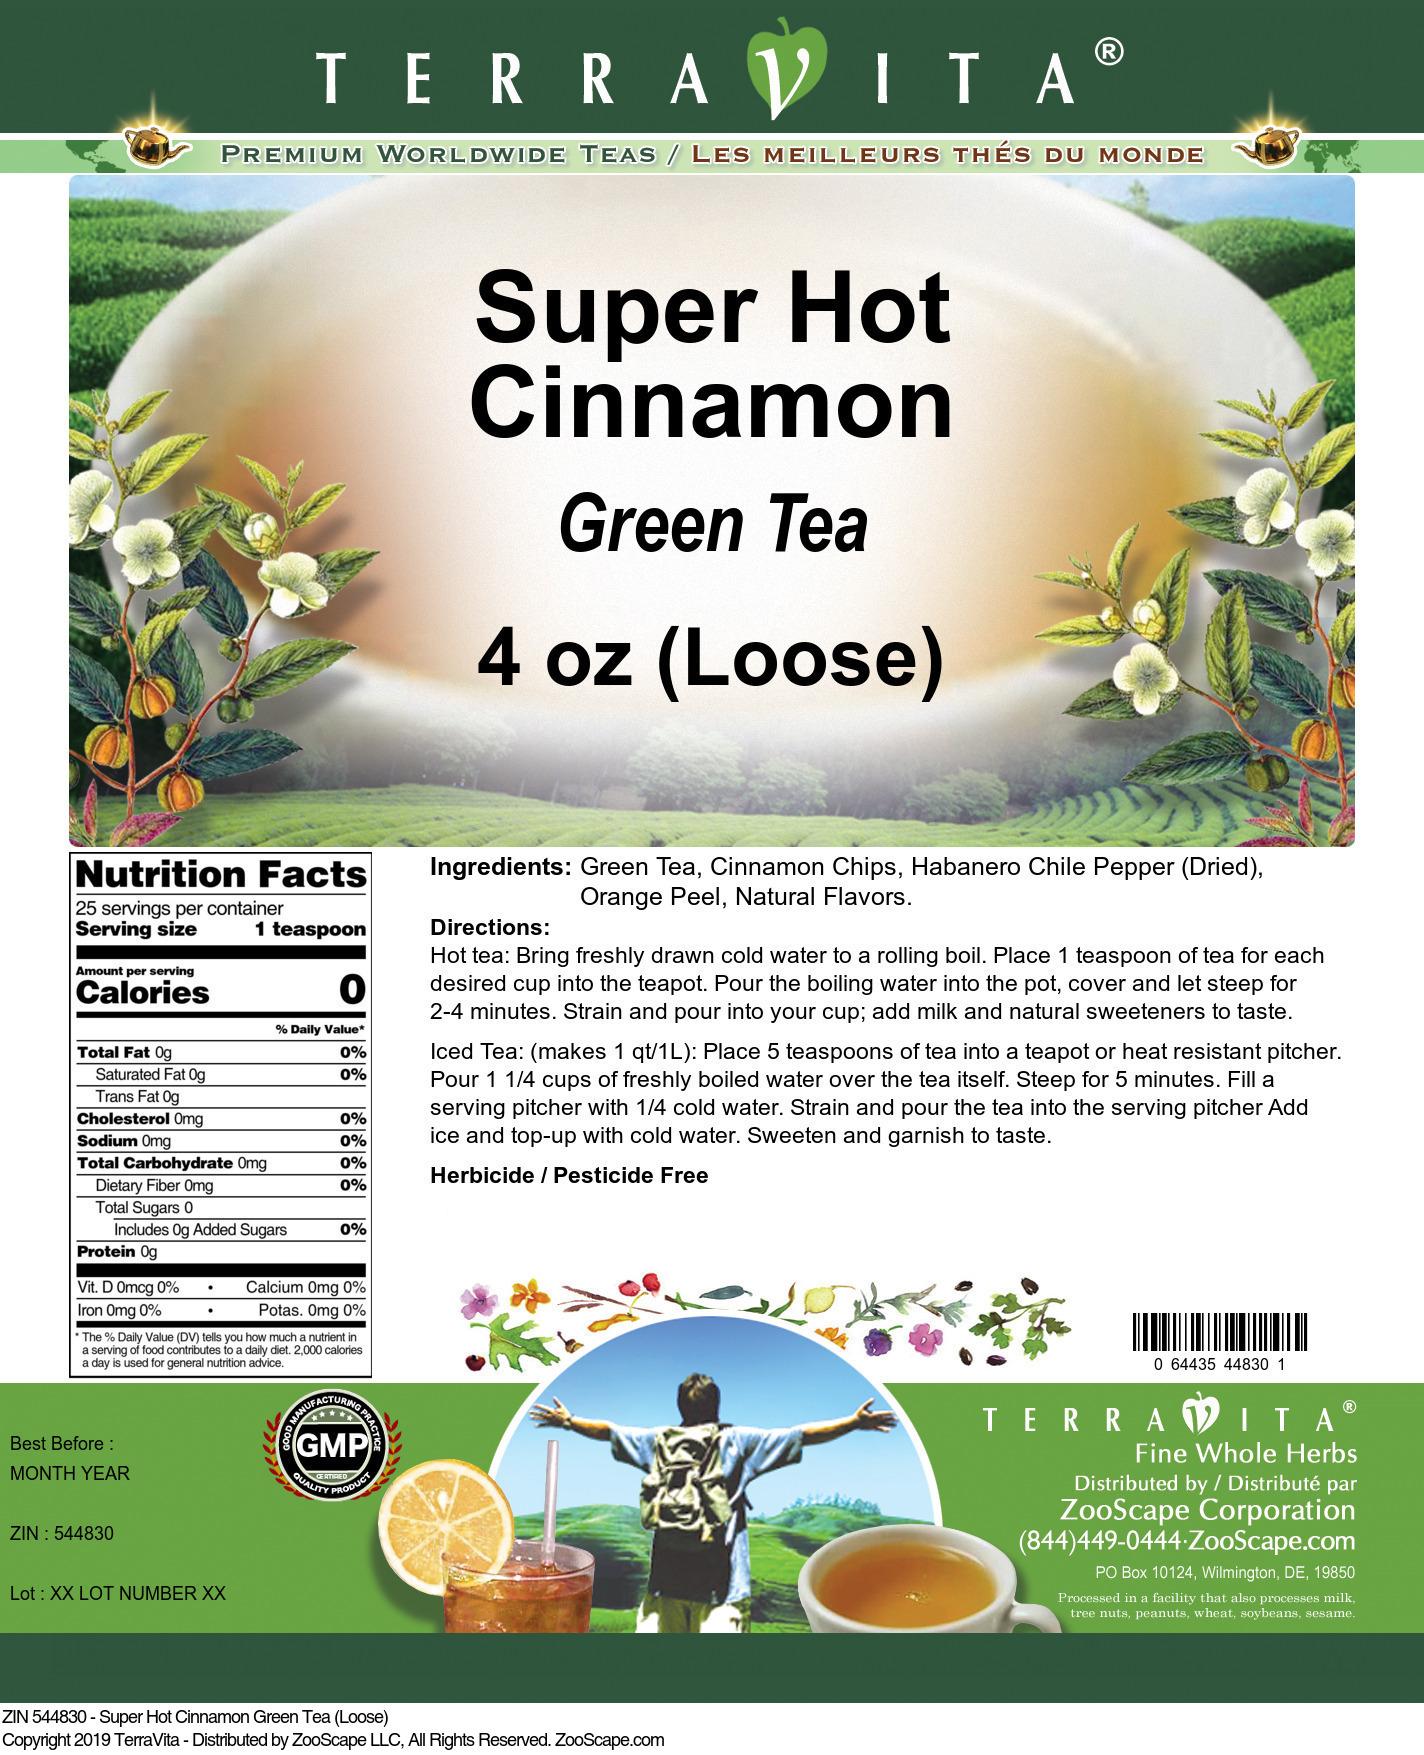 Super Hot Cinnamon Green Tea